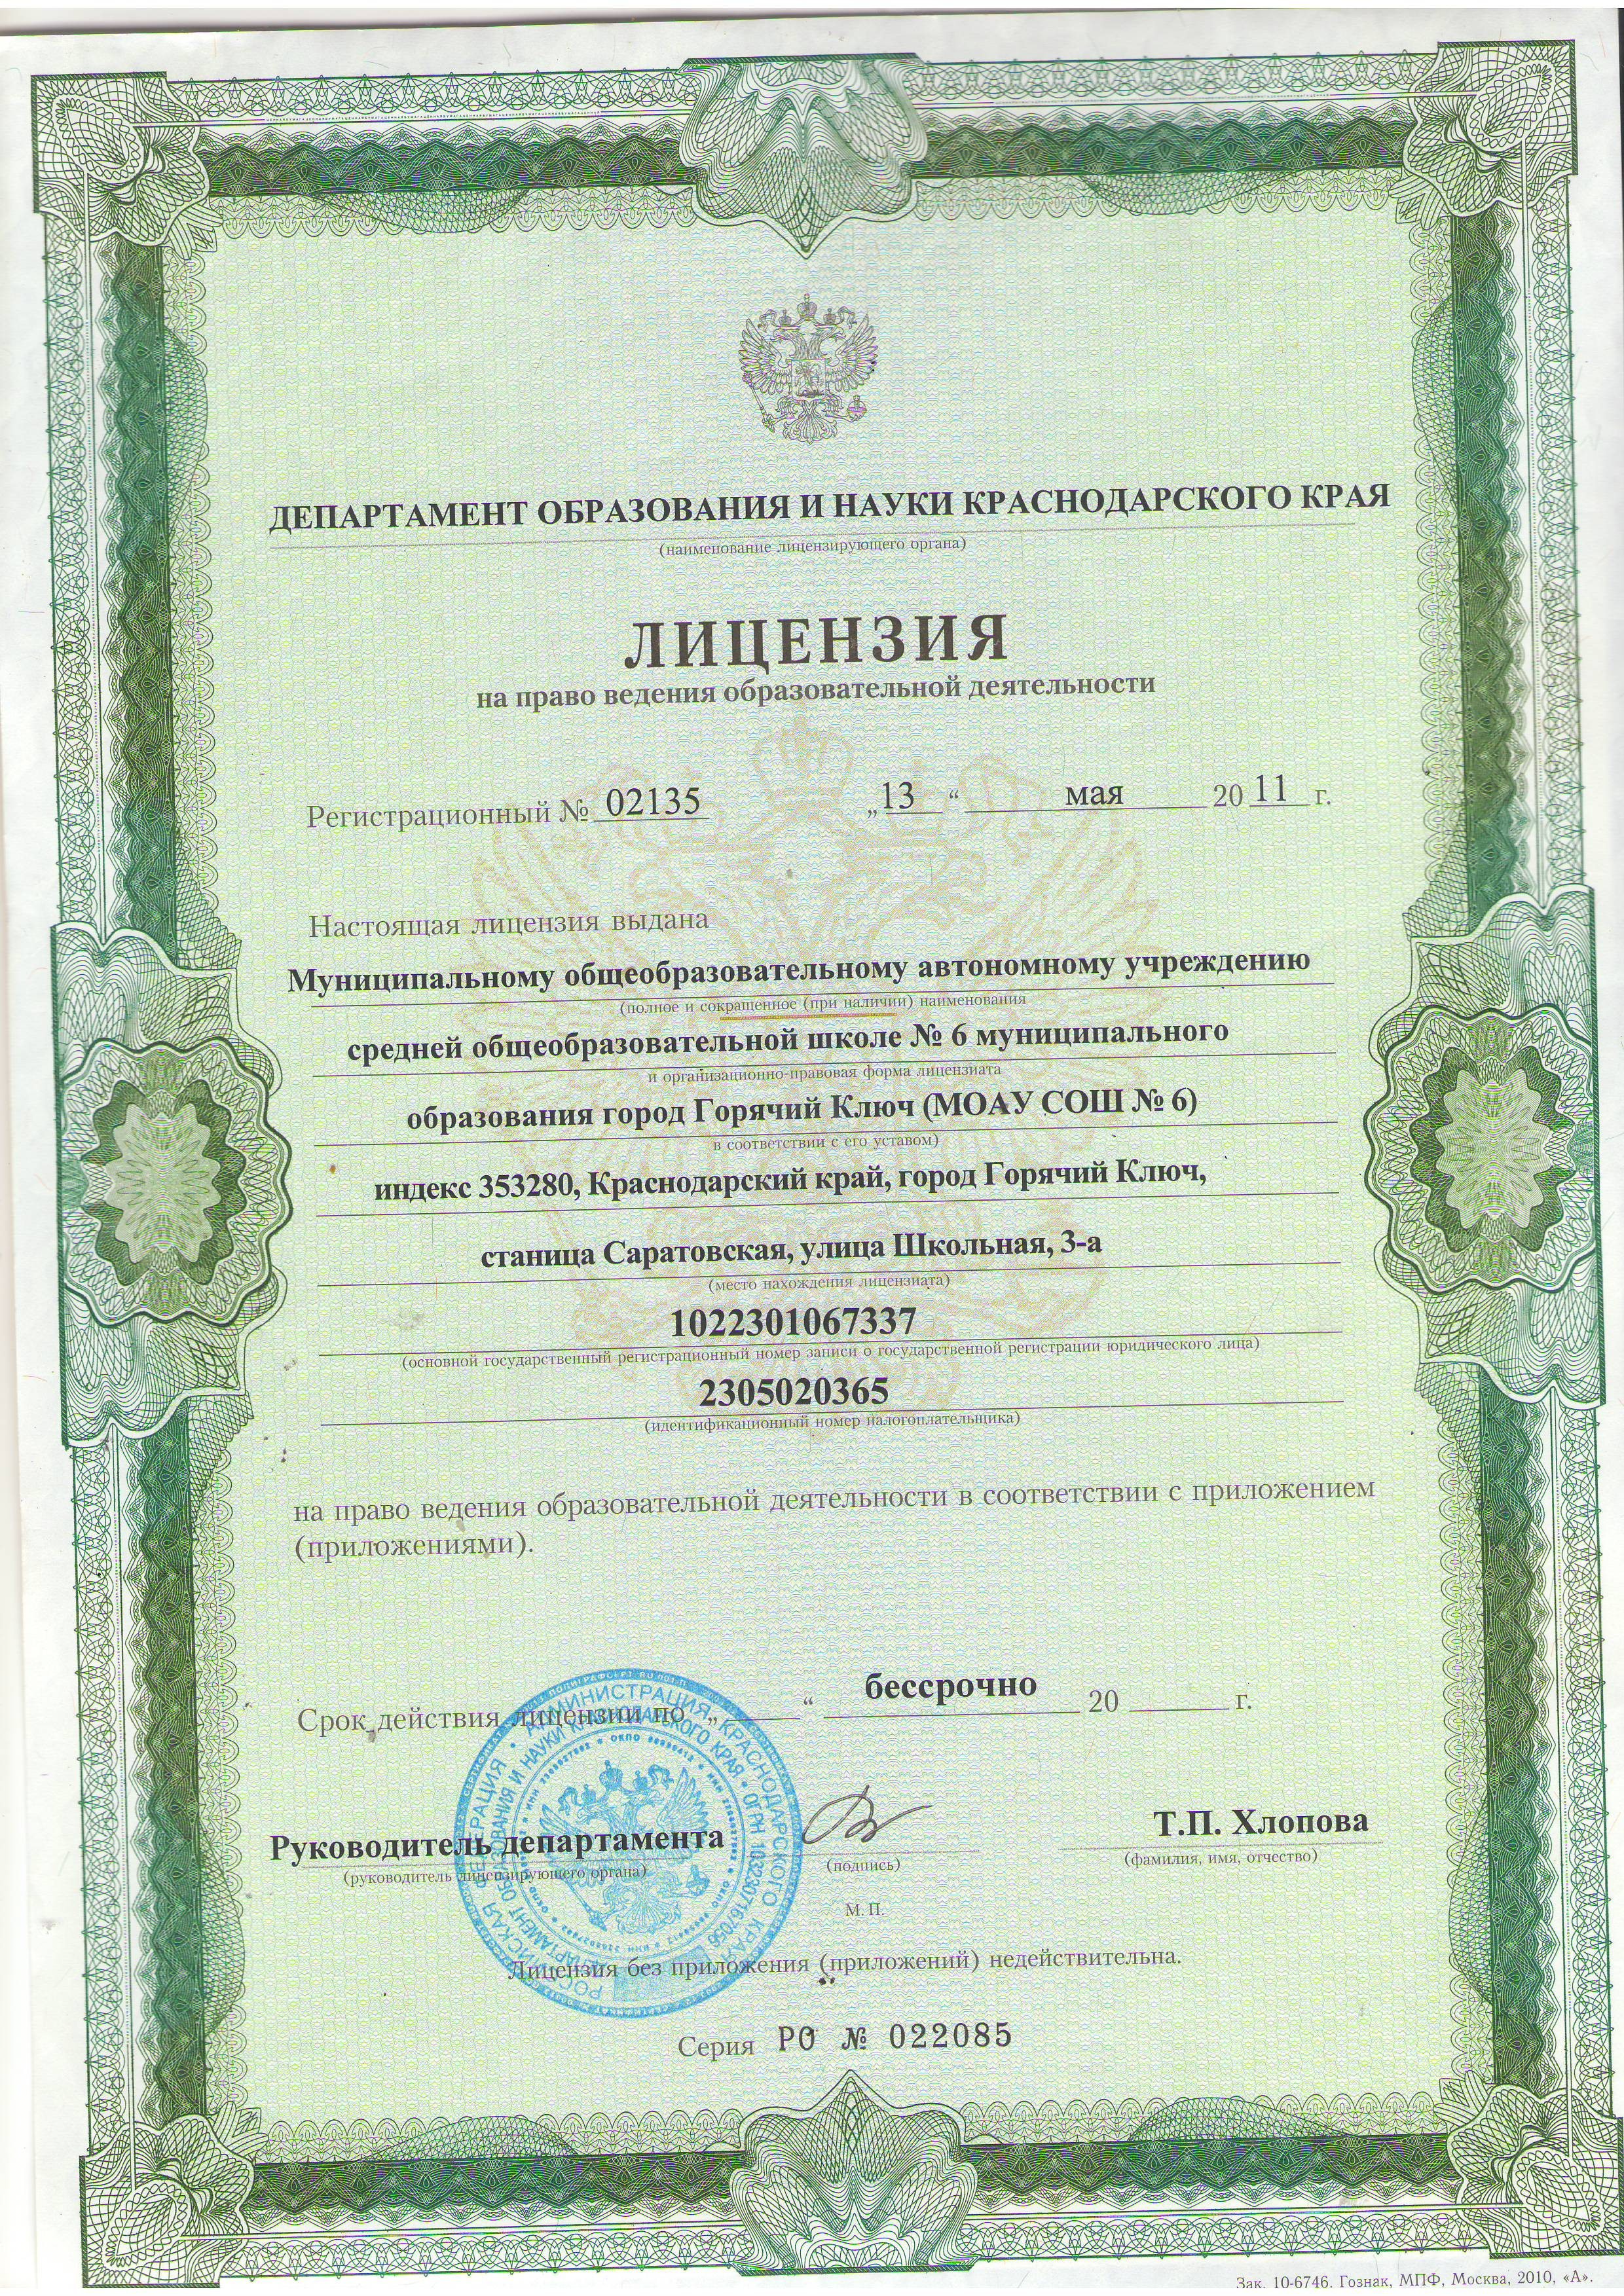 лицензия - копия